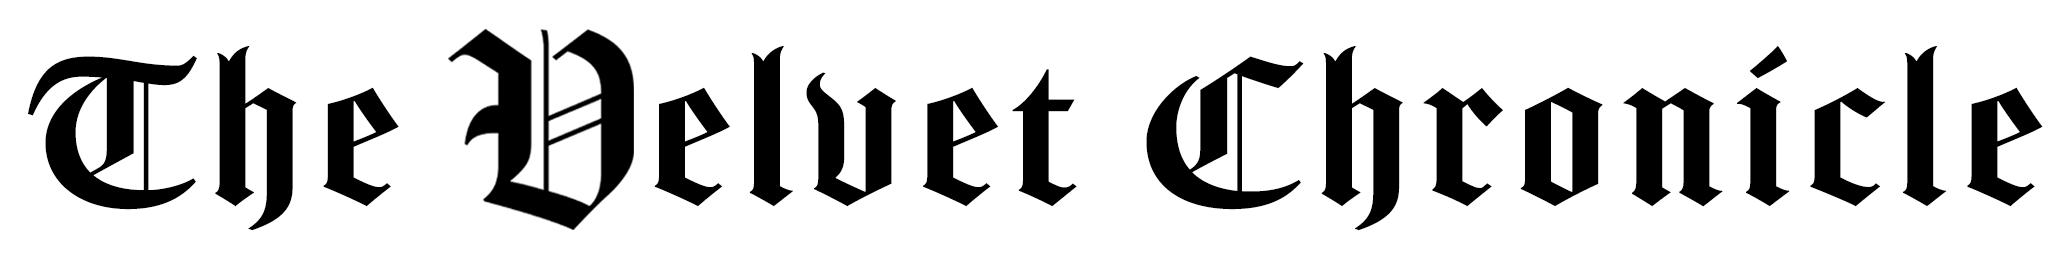 The Velvet Chronicle site logo